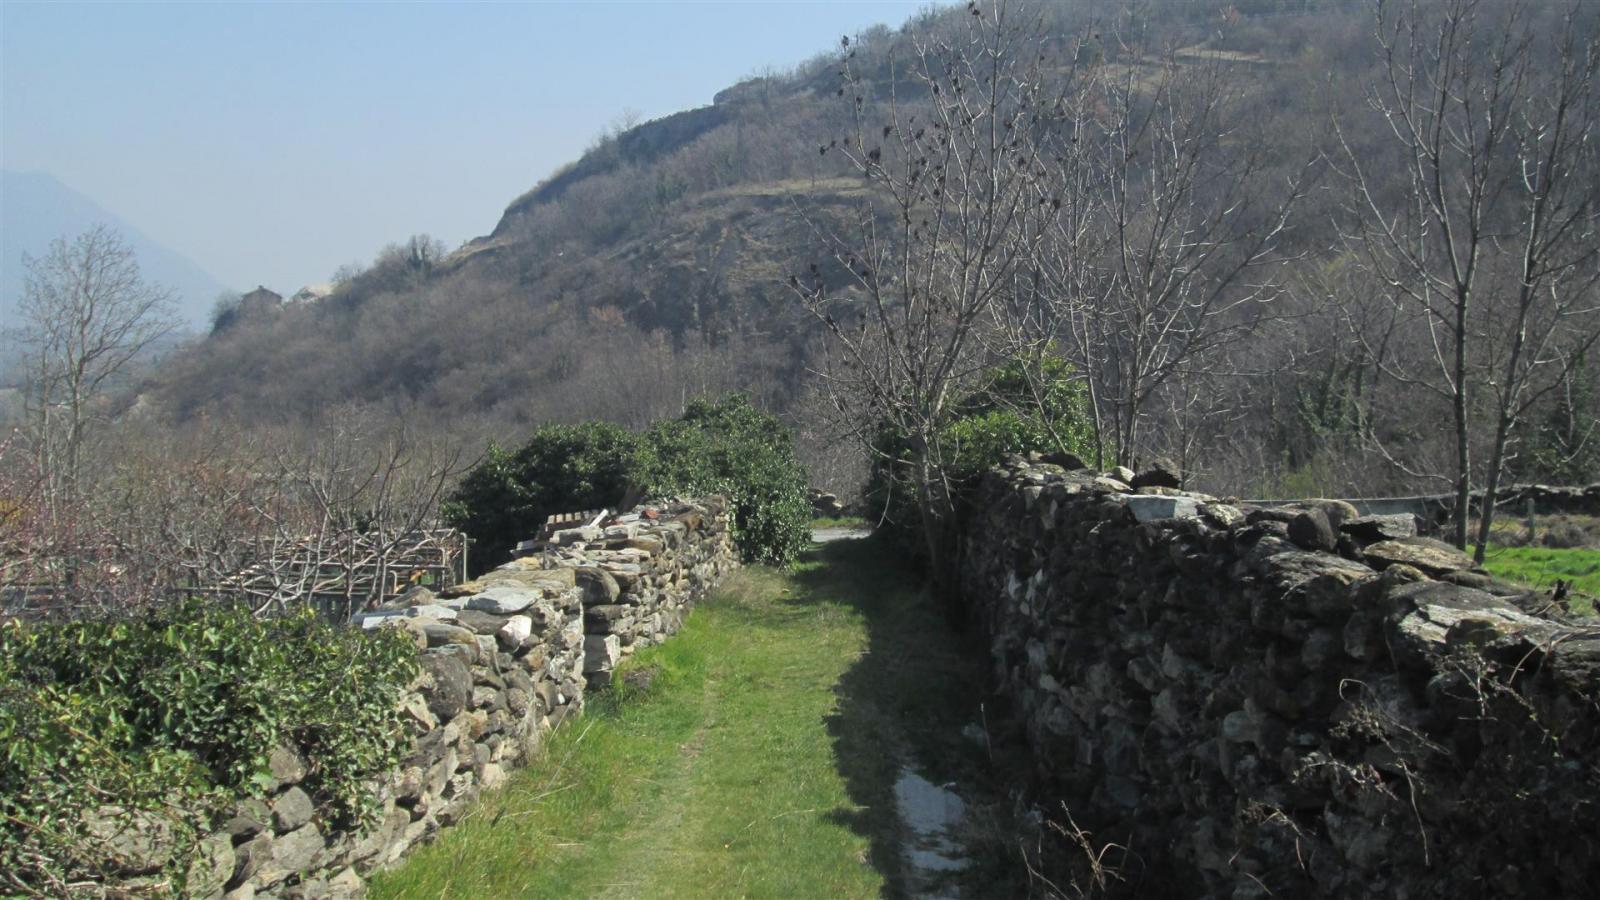 sentiero tra muri a secco